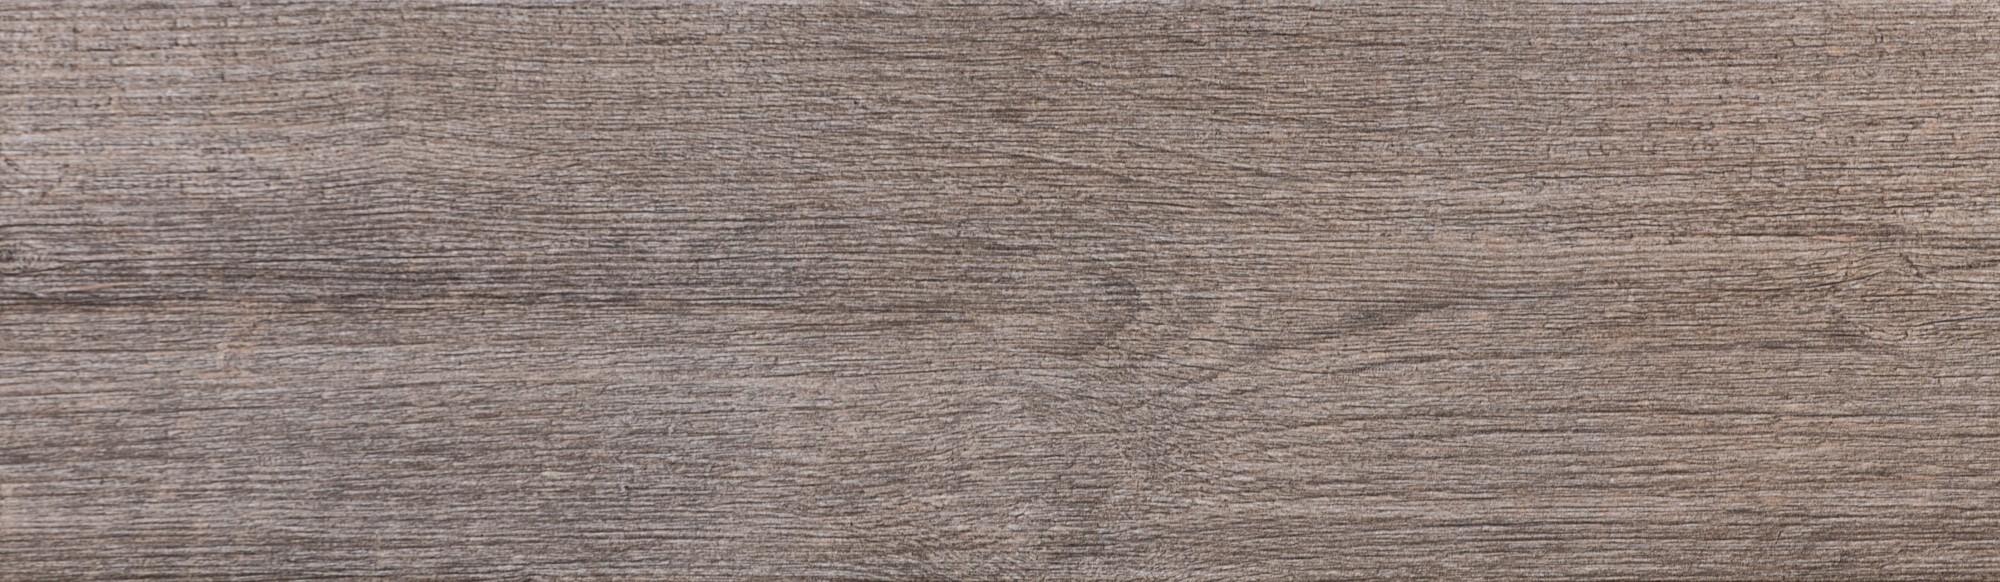 Tilia mist 5717 17,5x60 - Hansas Plaadimaailm